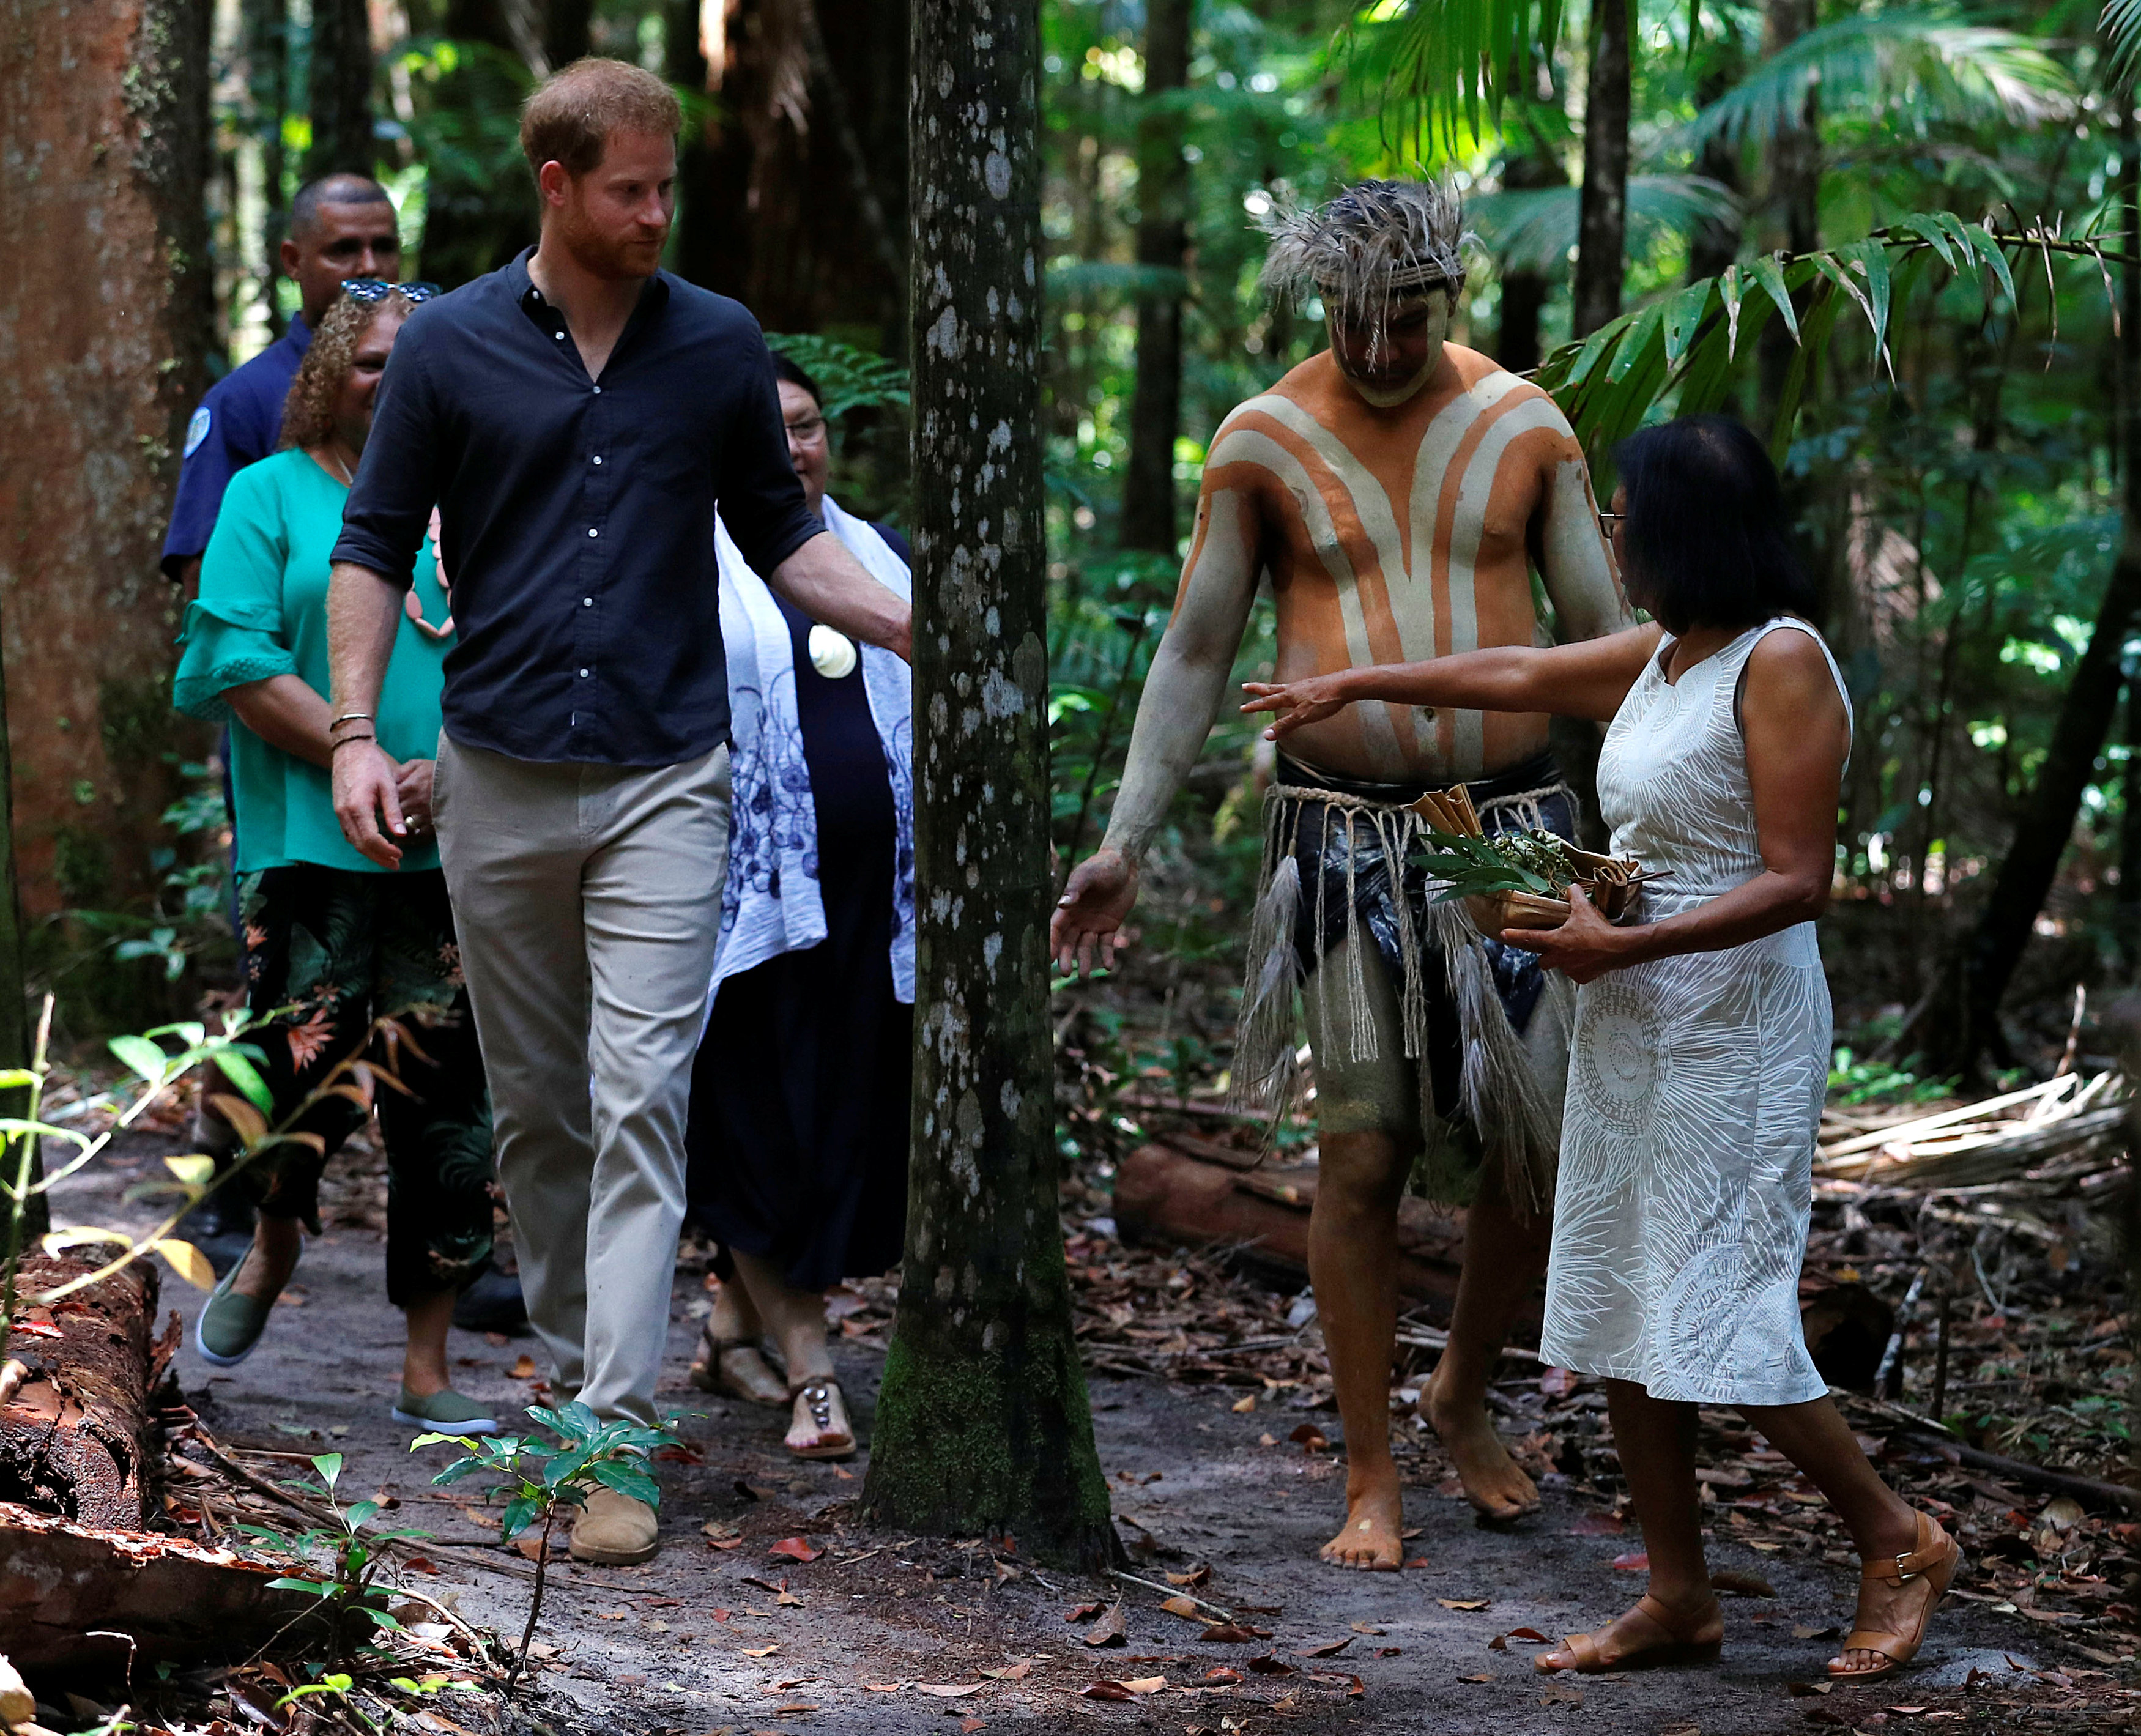 سكان الجزيرة الأصليين يتجولون مع الأمير هارى